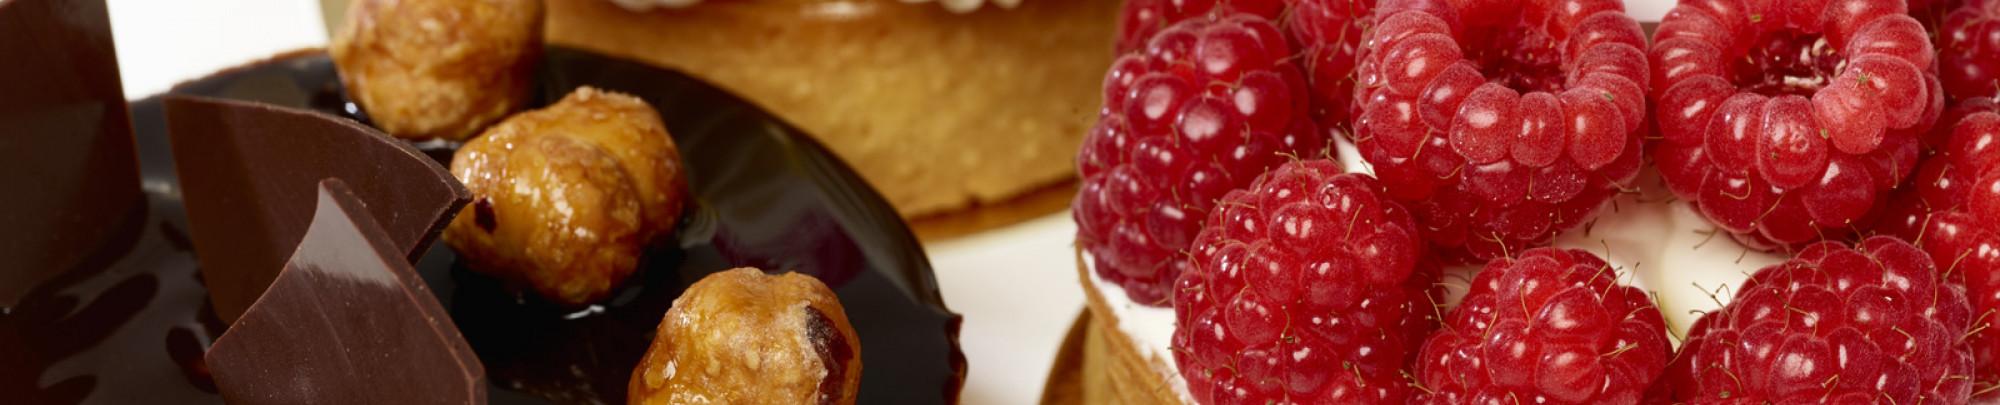 Desserts santé -plaisir